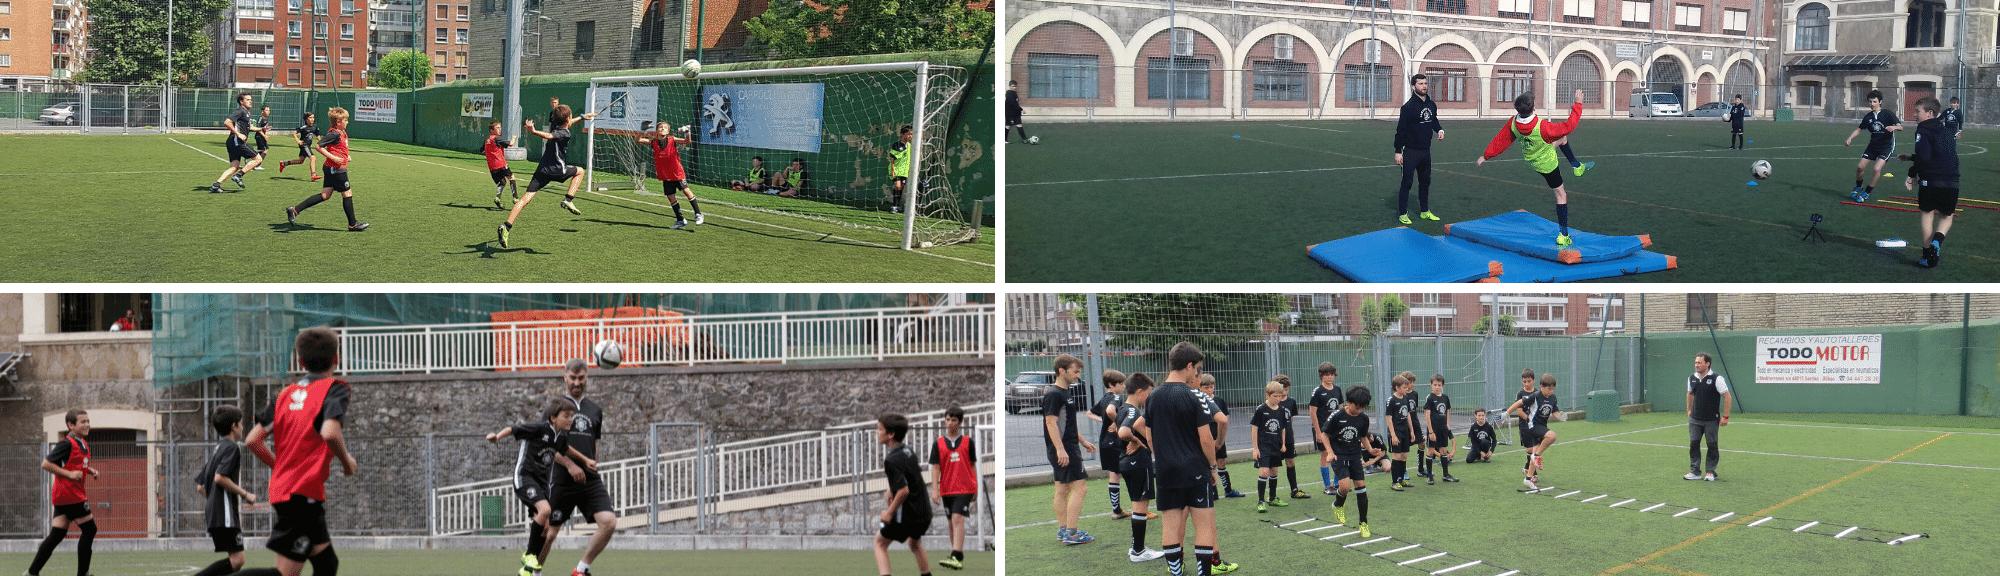 Uda 2020; Futbola Deustuko Salesianosen; Instalazio berria berresteko zain